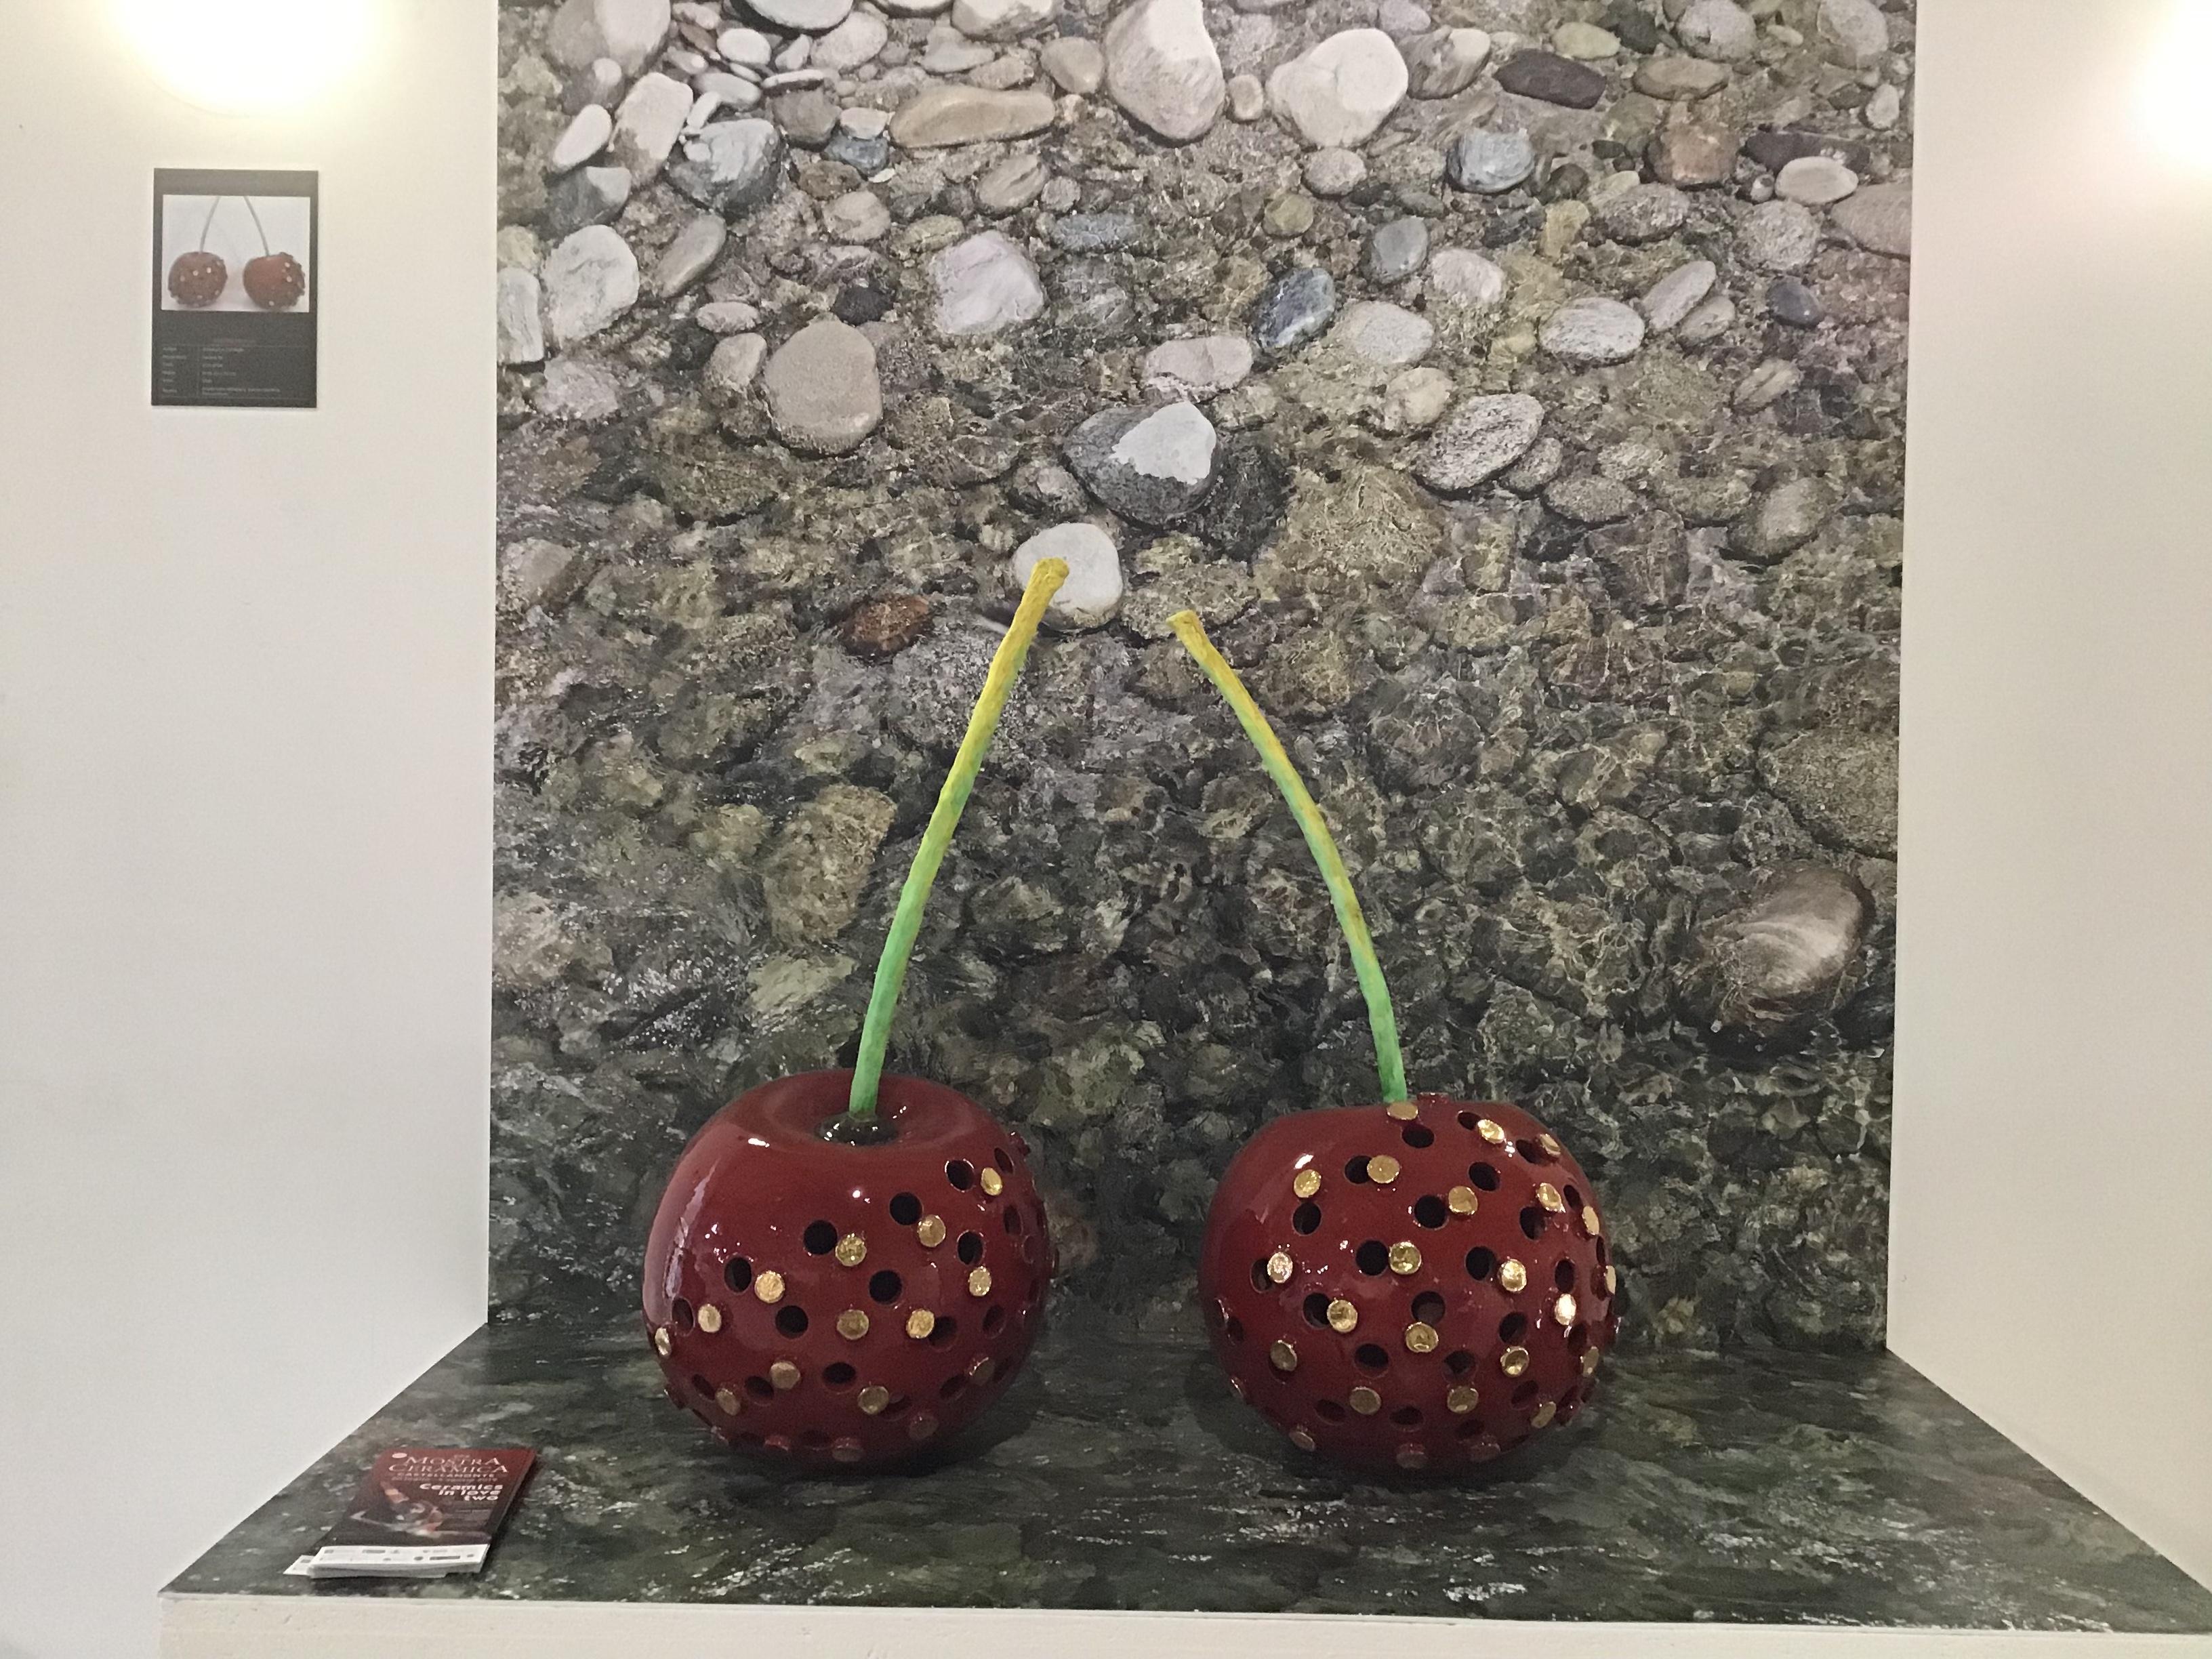 CASTELLAMONTE - Mostra della Ceramica, al Martinetti i protagonisti sono stufe e design - FOTO